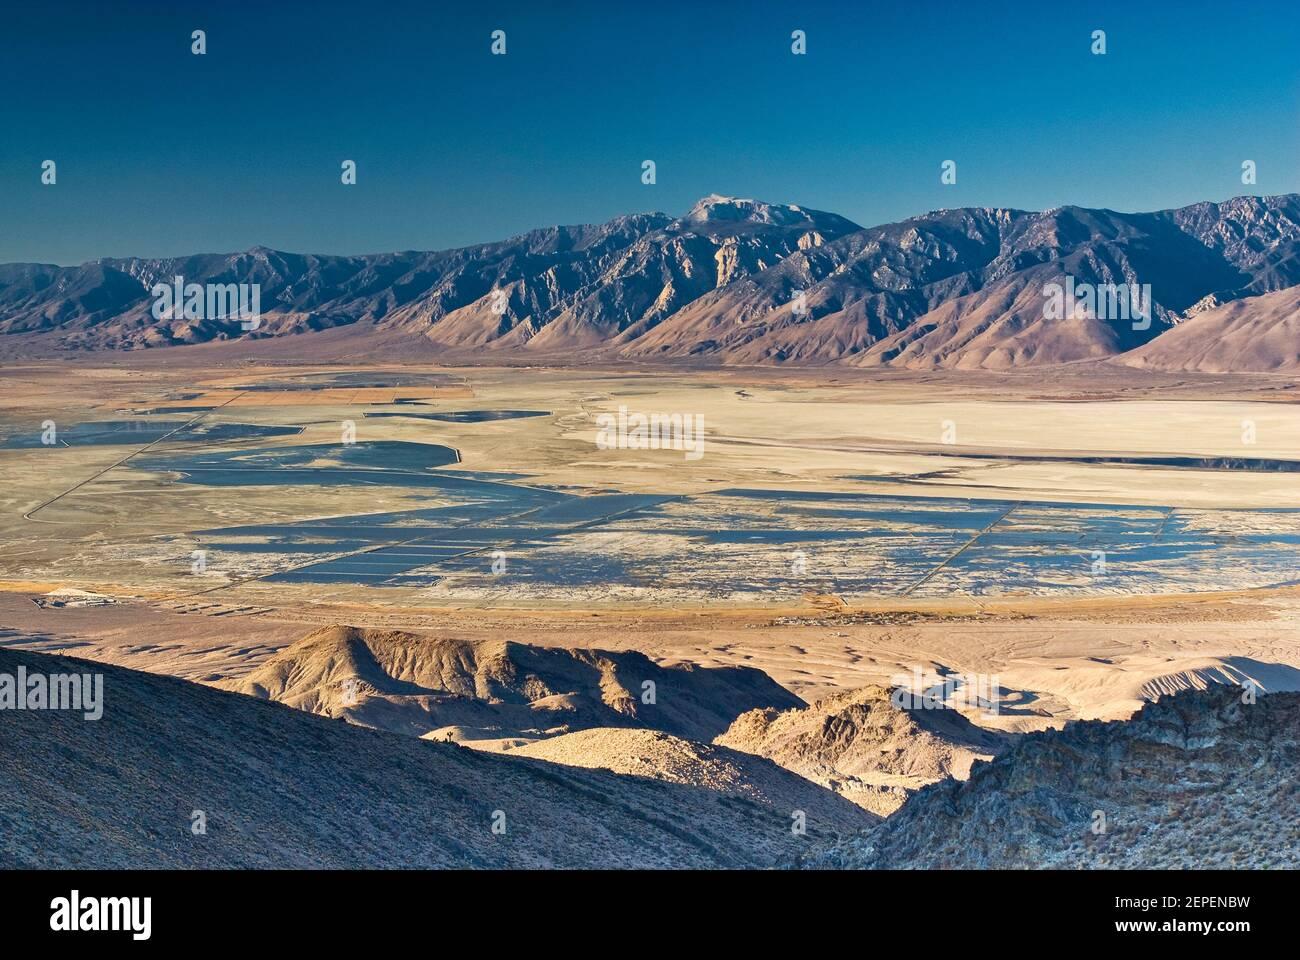 Owens Lake y las montañas del este de Sierra Nevada vistas a través de Owens Valley desde Cerro Gordo Road en las montañas Inyo al amanecer, California, EE.UU Foto de stock